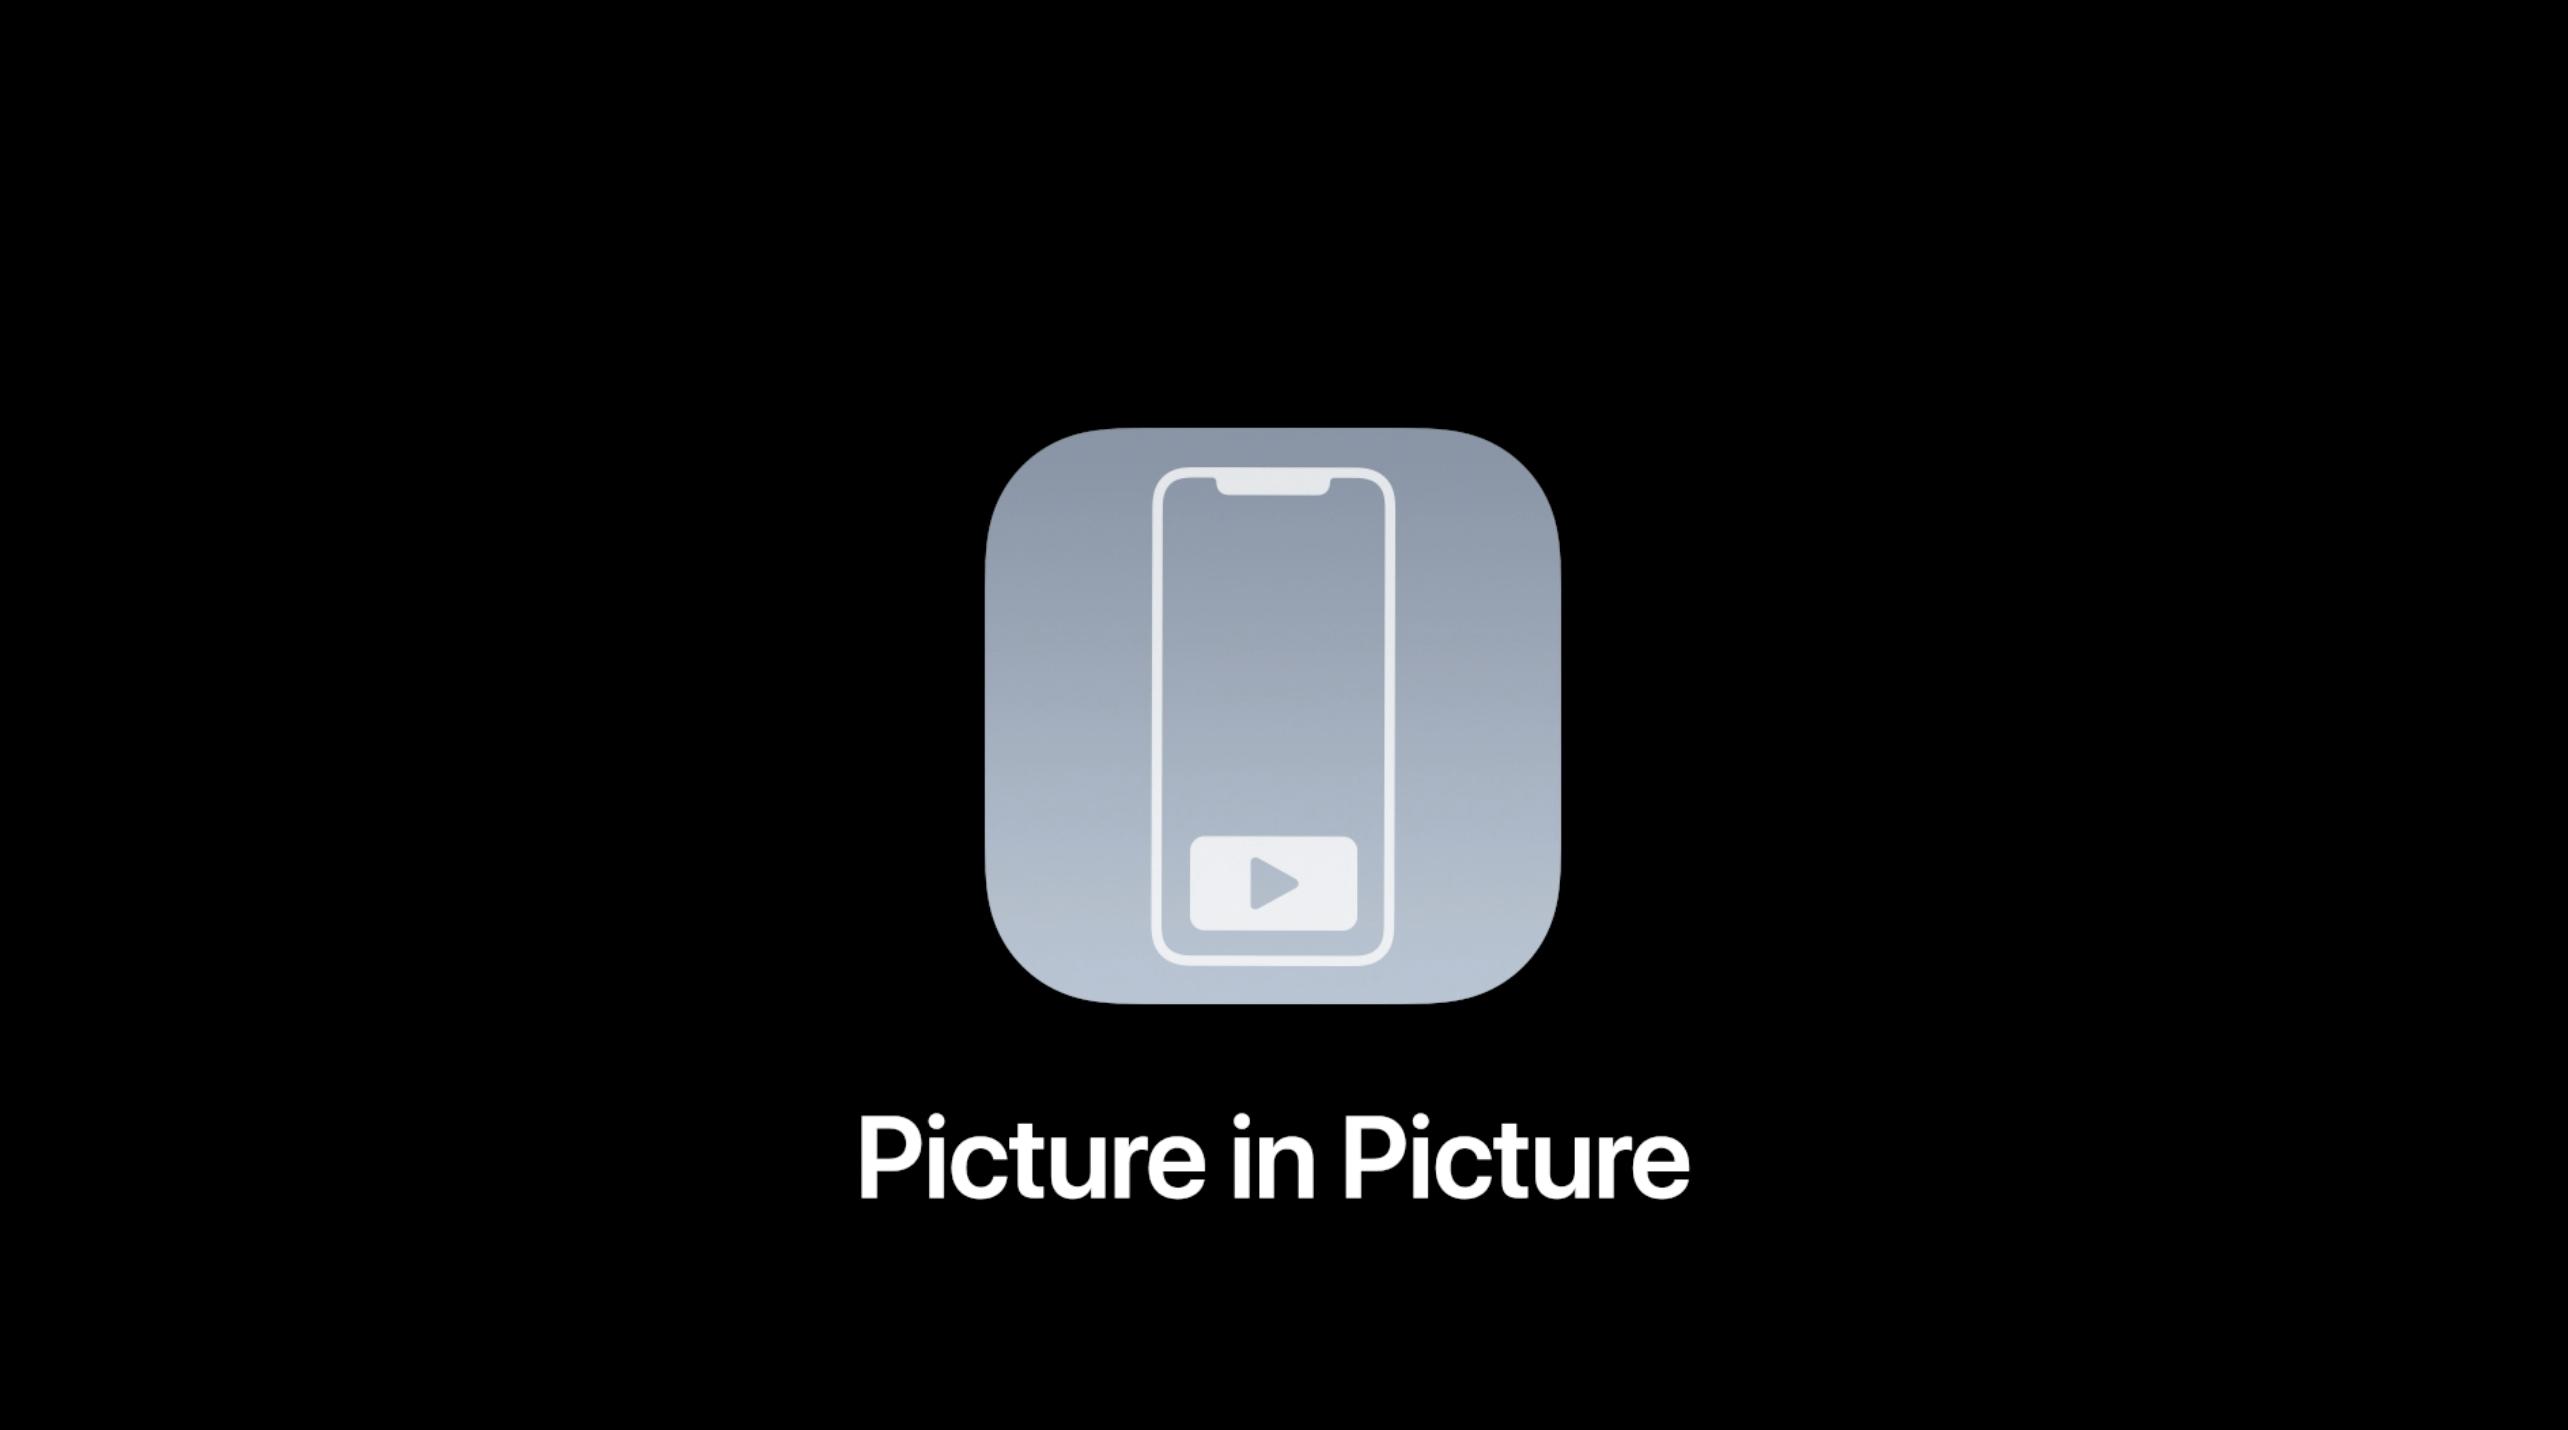 Skjermbilde 2020 06 22 kl. 19.11.25 - Snart kommer iOS 14 og iPad OS 14